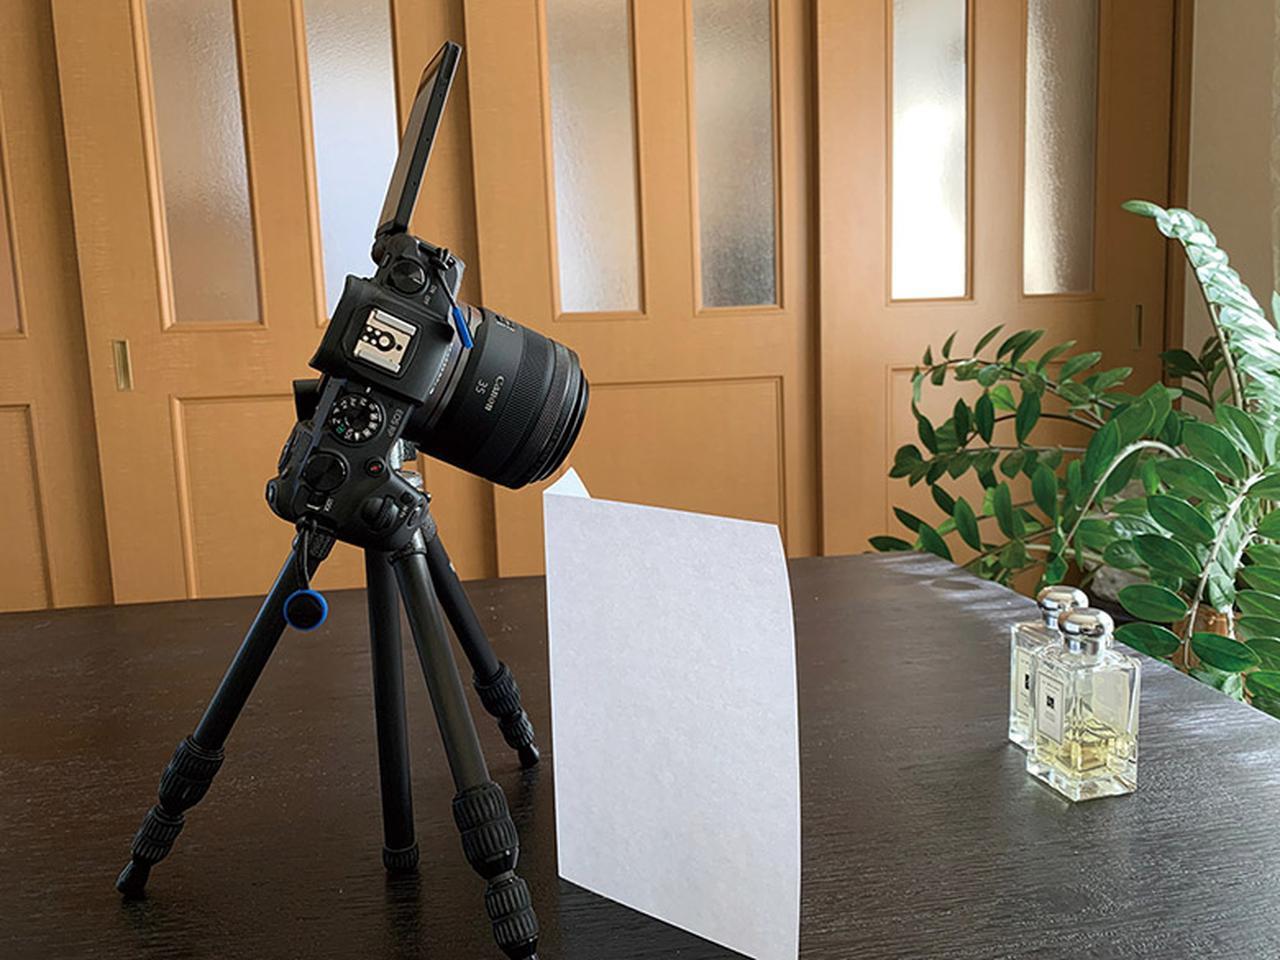 画像: メラと被写体の間に、光を反射するようにA4のコピー用紙を二つ折りにして立て、簡易レフ板として利用した。